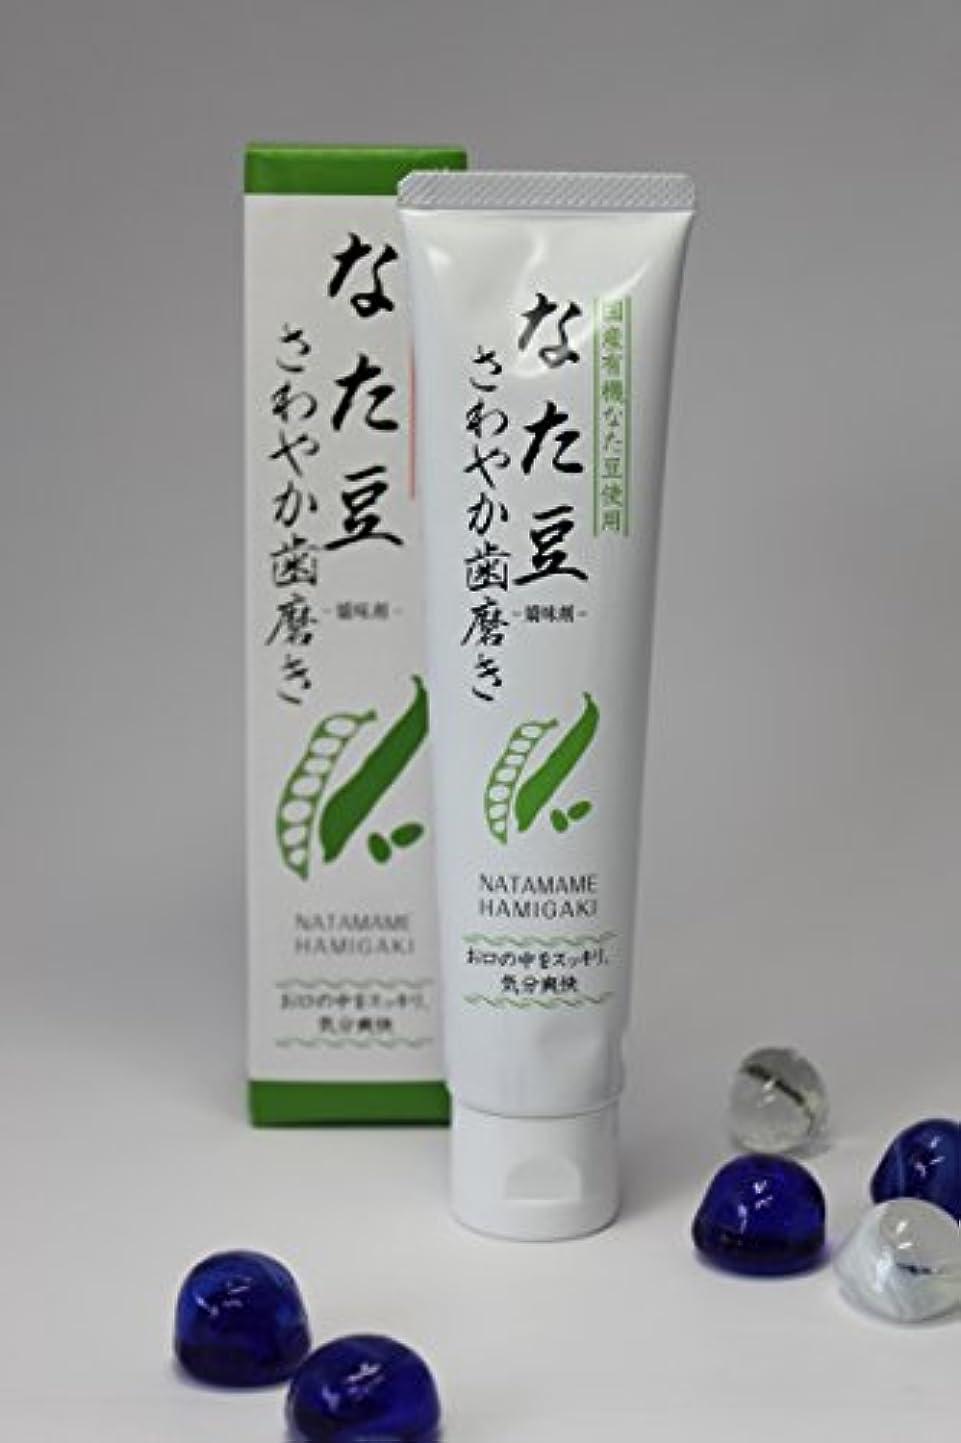 ボリュームテレックス百万アスカ(大阪) なた豆さわやか歯磨き 120g